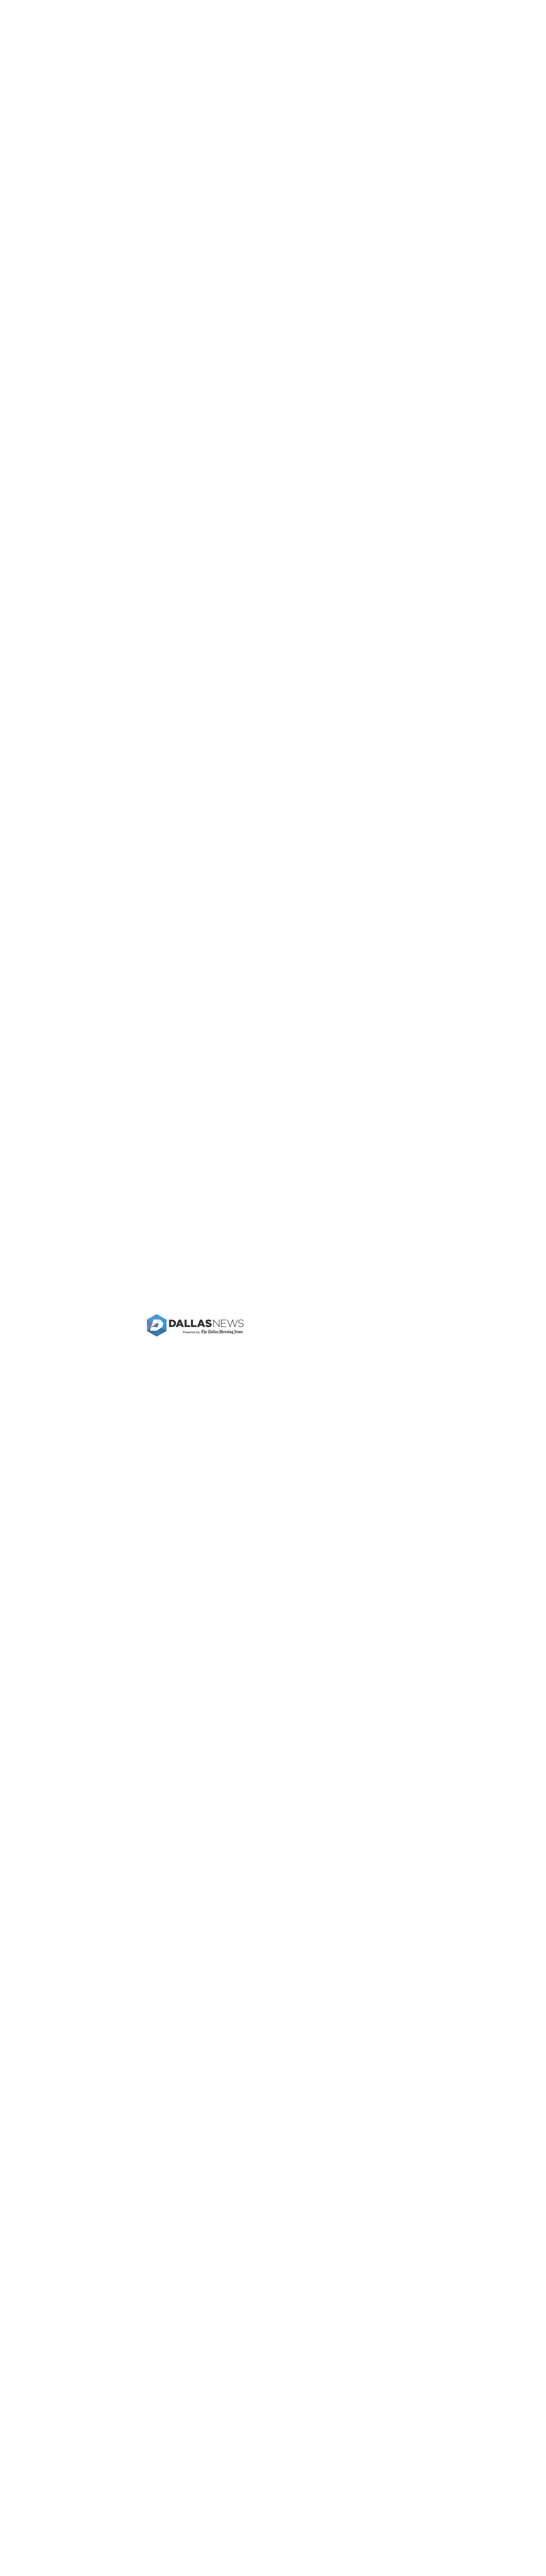 dallasnews.com at Monday March 12, 2018, 9:04 a.m. UTC